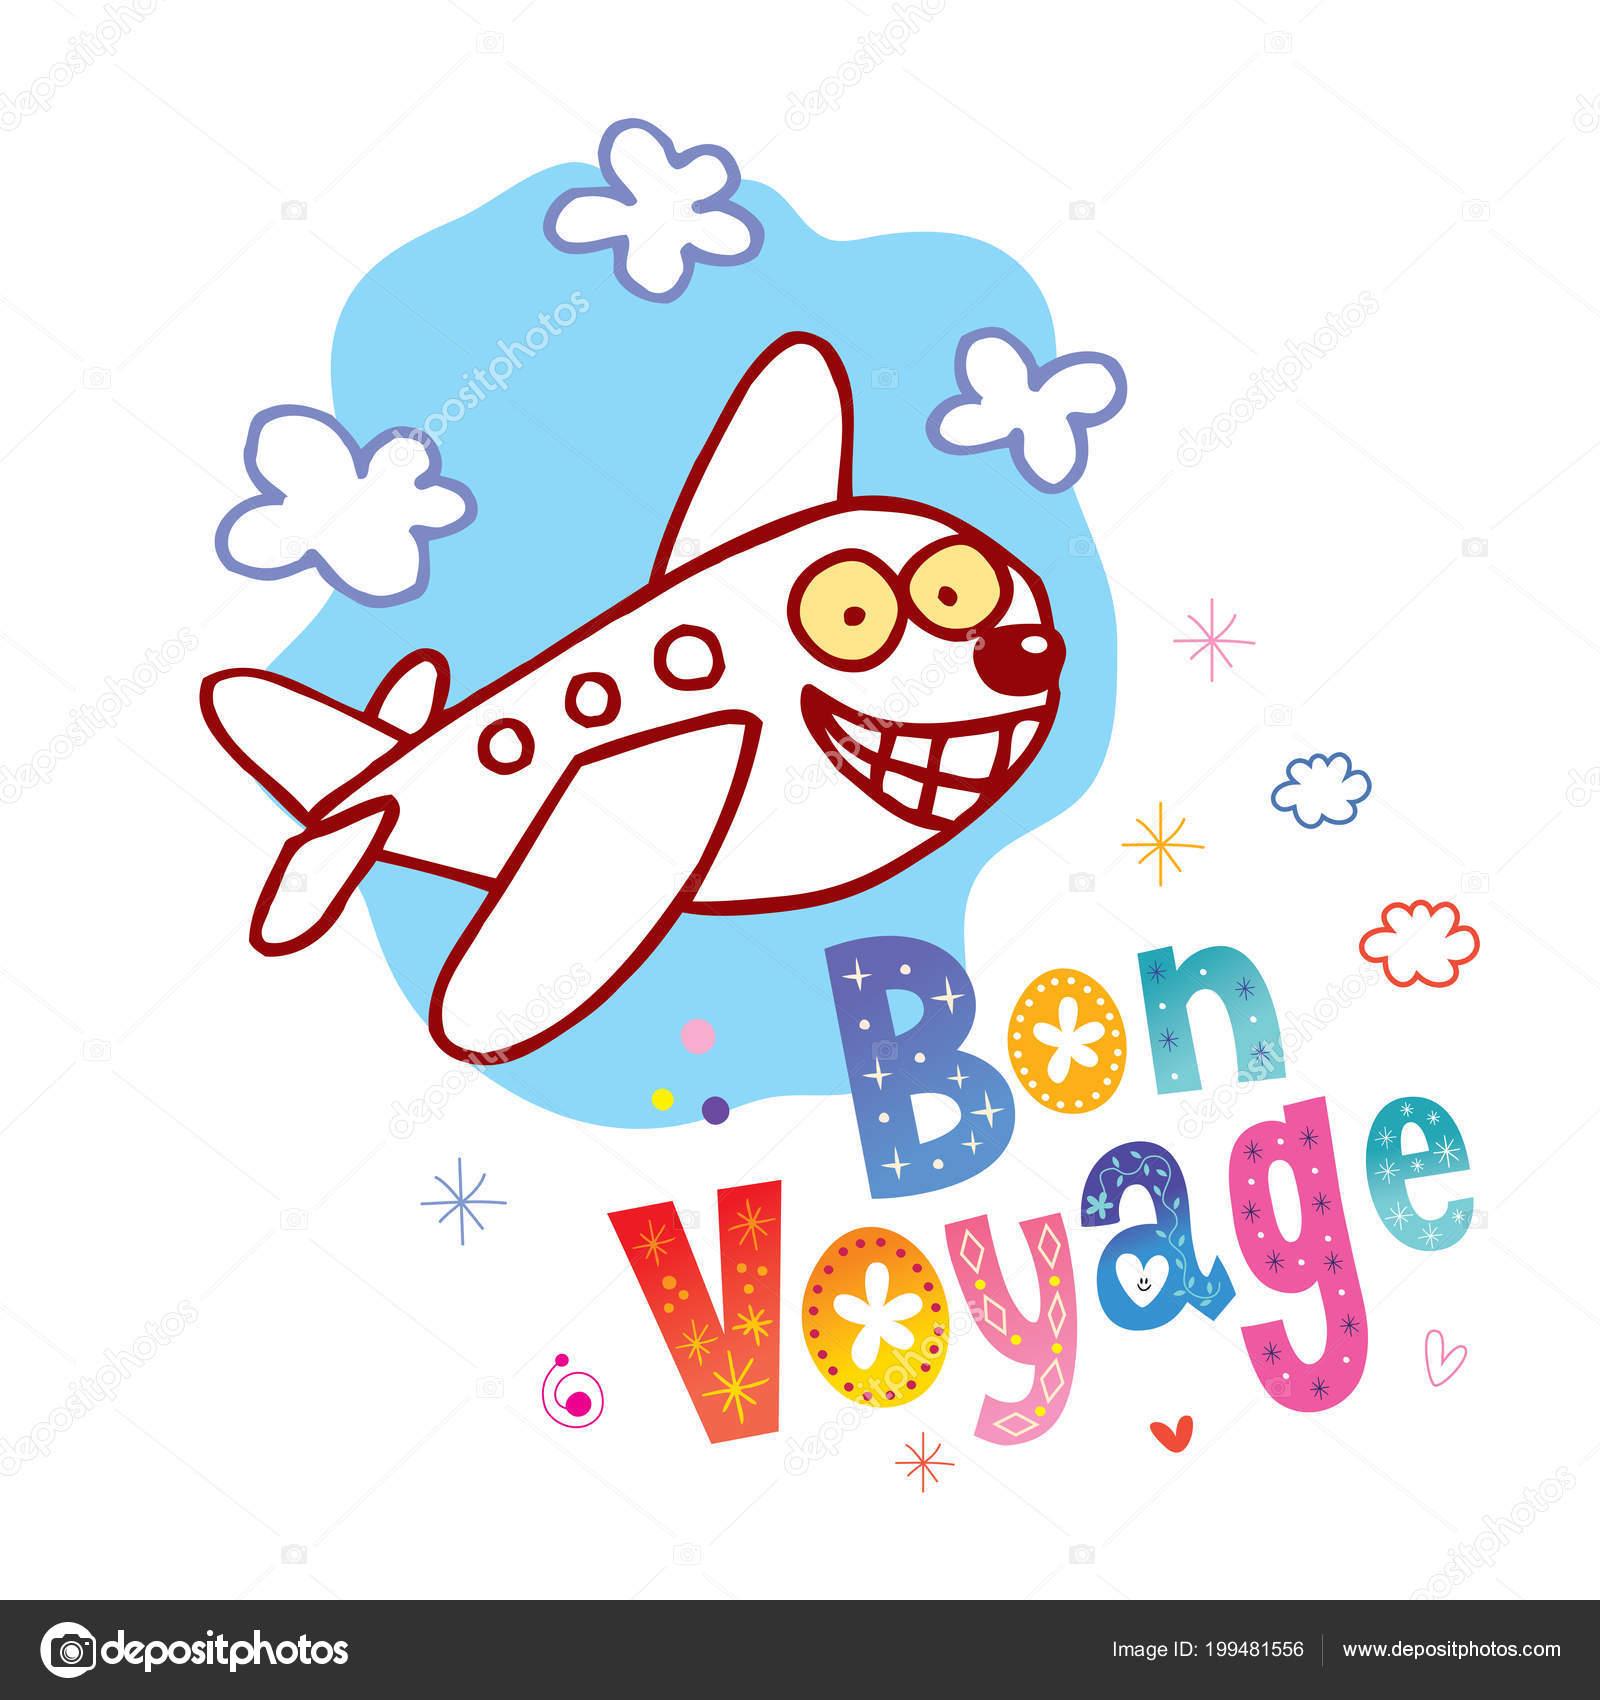 いってらっしゃい フランス語 かわいい飛行機キャラ マスコット旅行観光